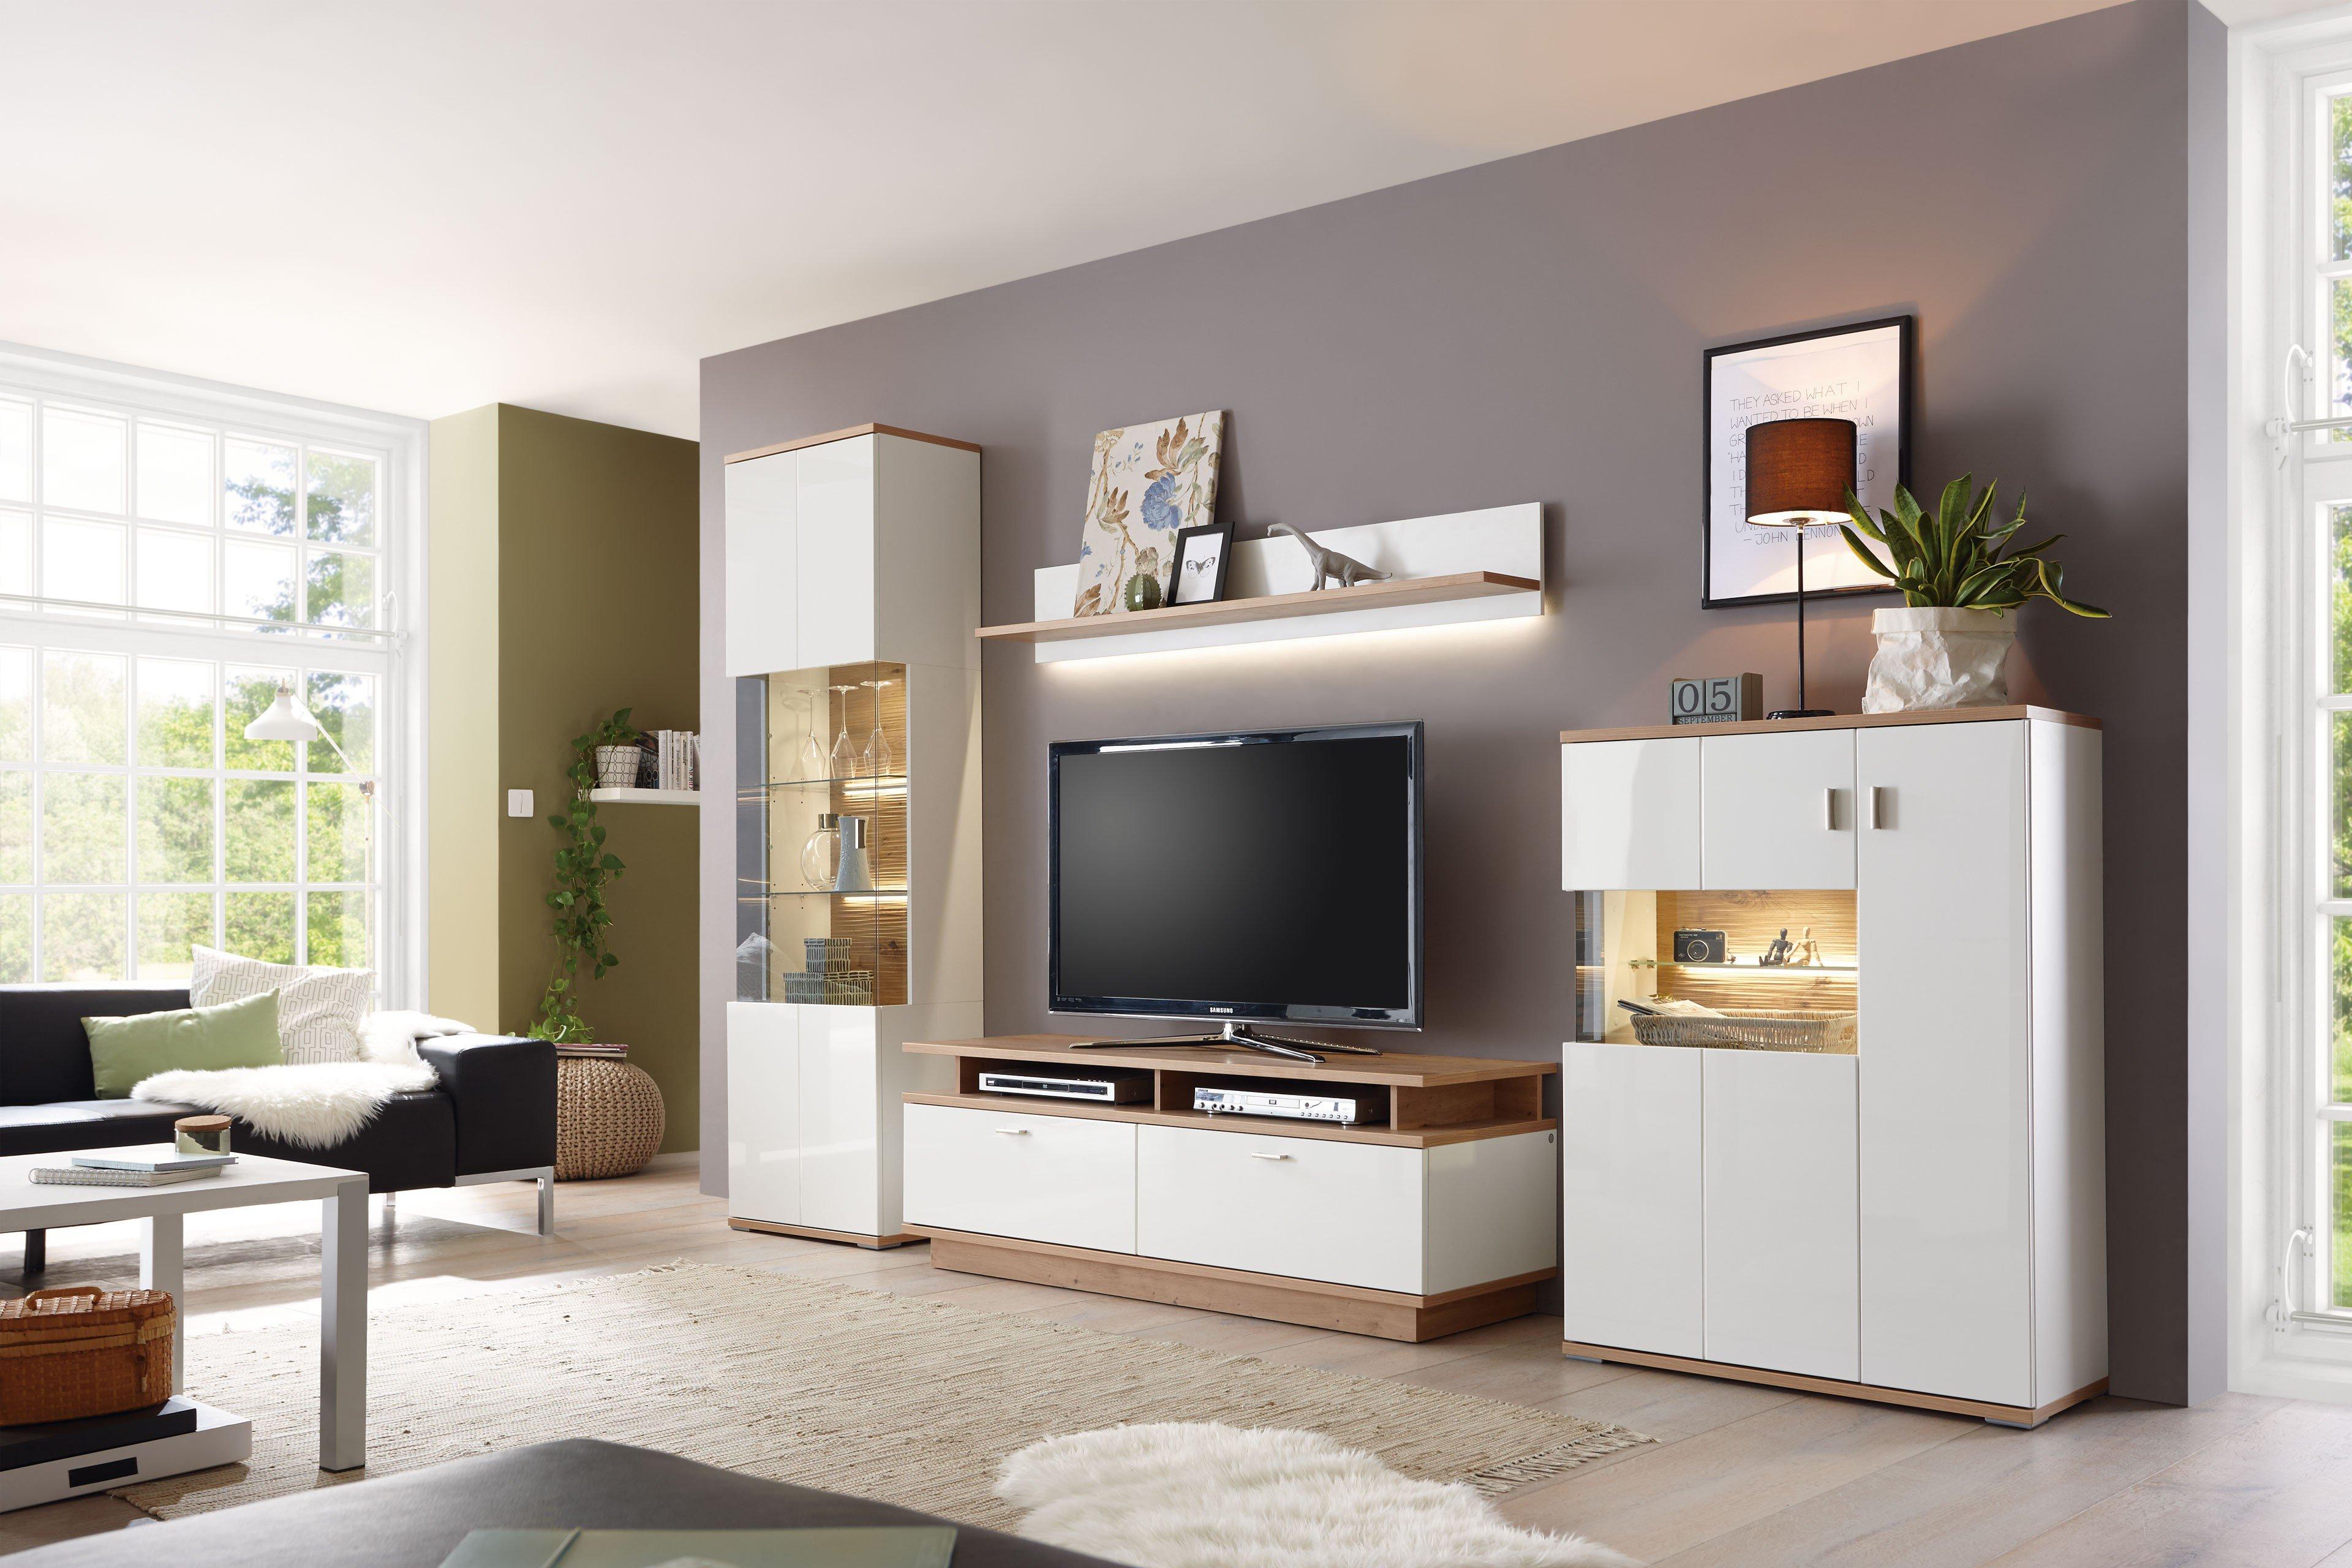 Casada Wohnwand Campione weiß/ Eiche   Möbel Letz   Ihr Online  Shop